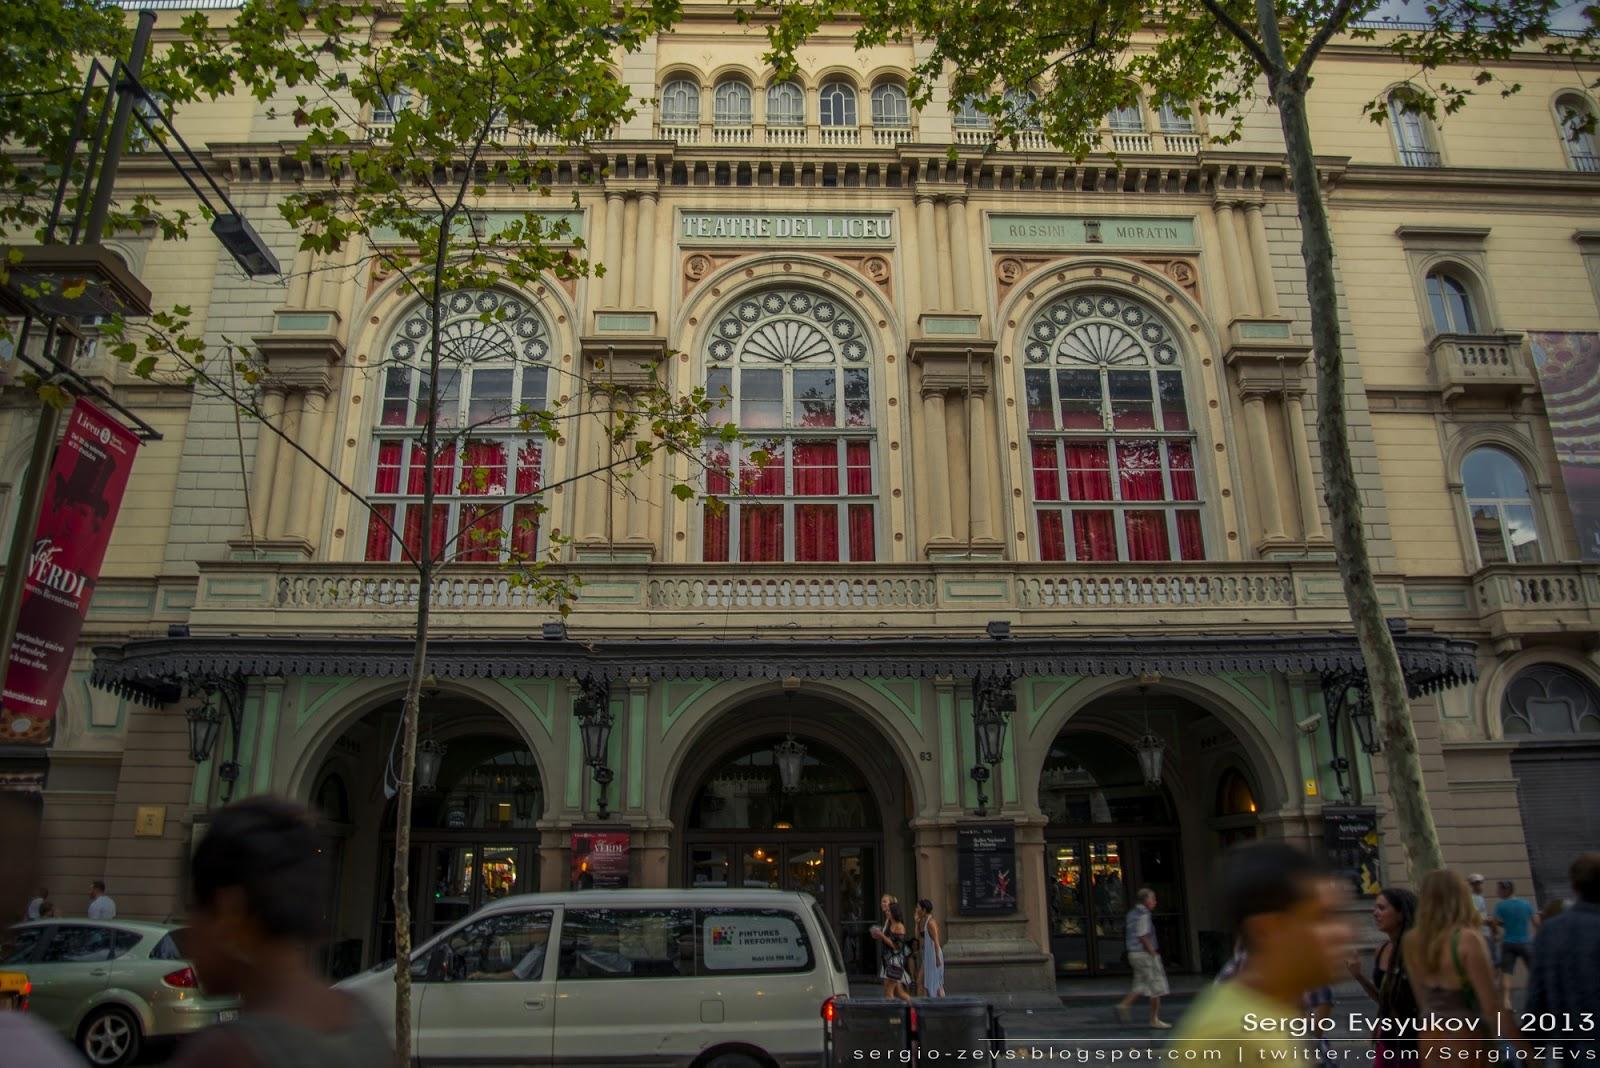 Liceu Theatre Las Ramblas